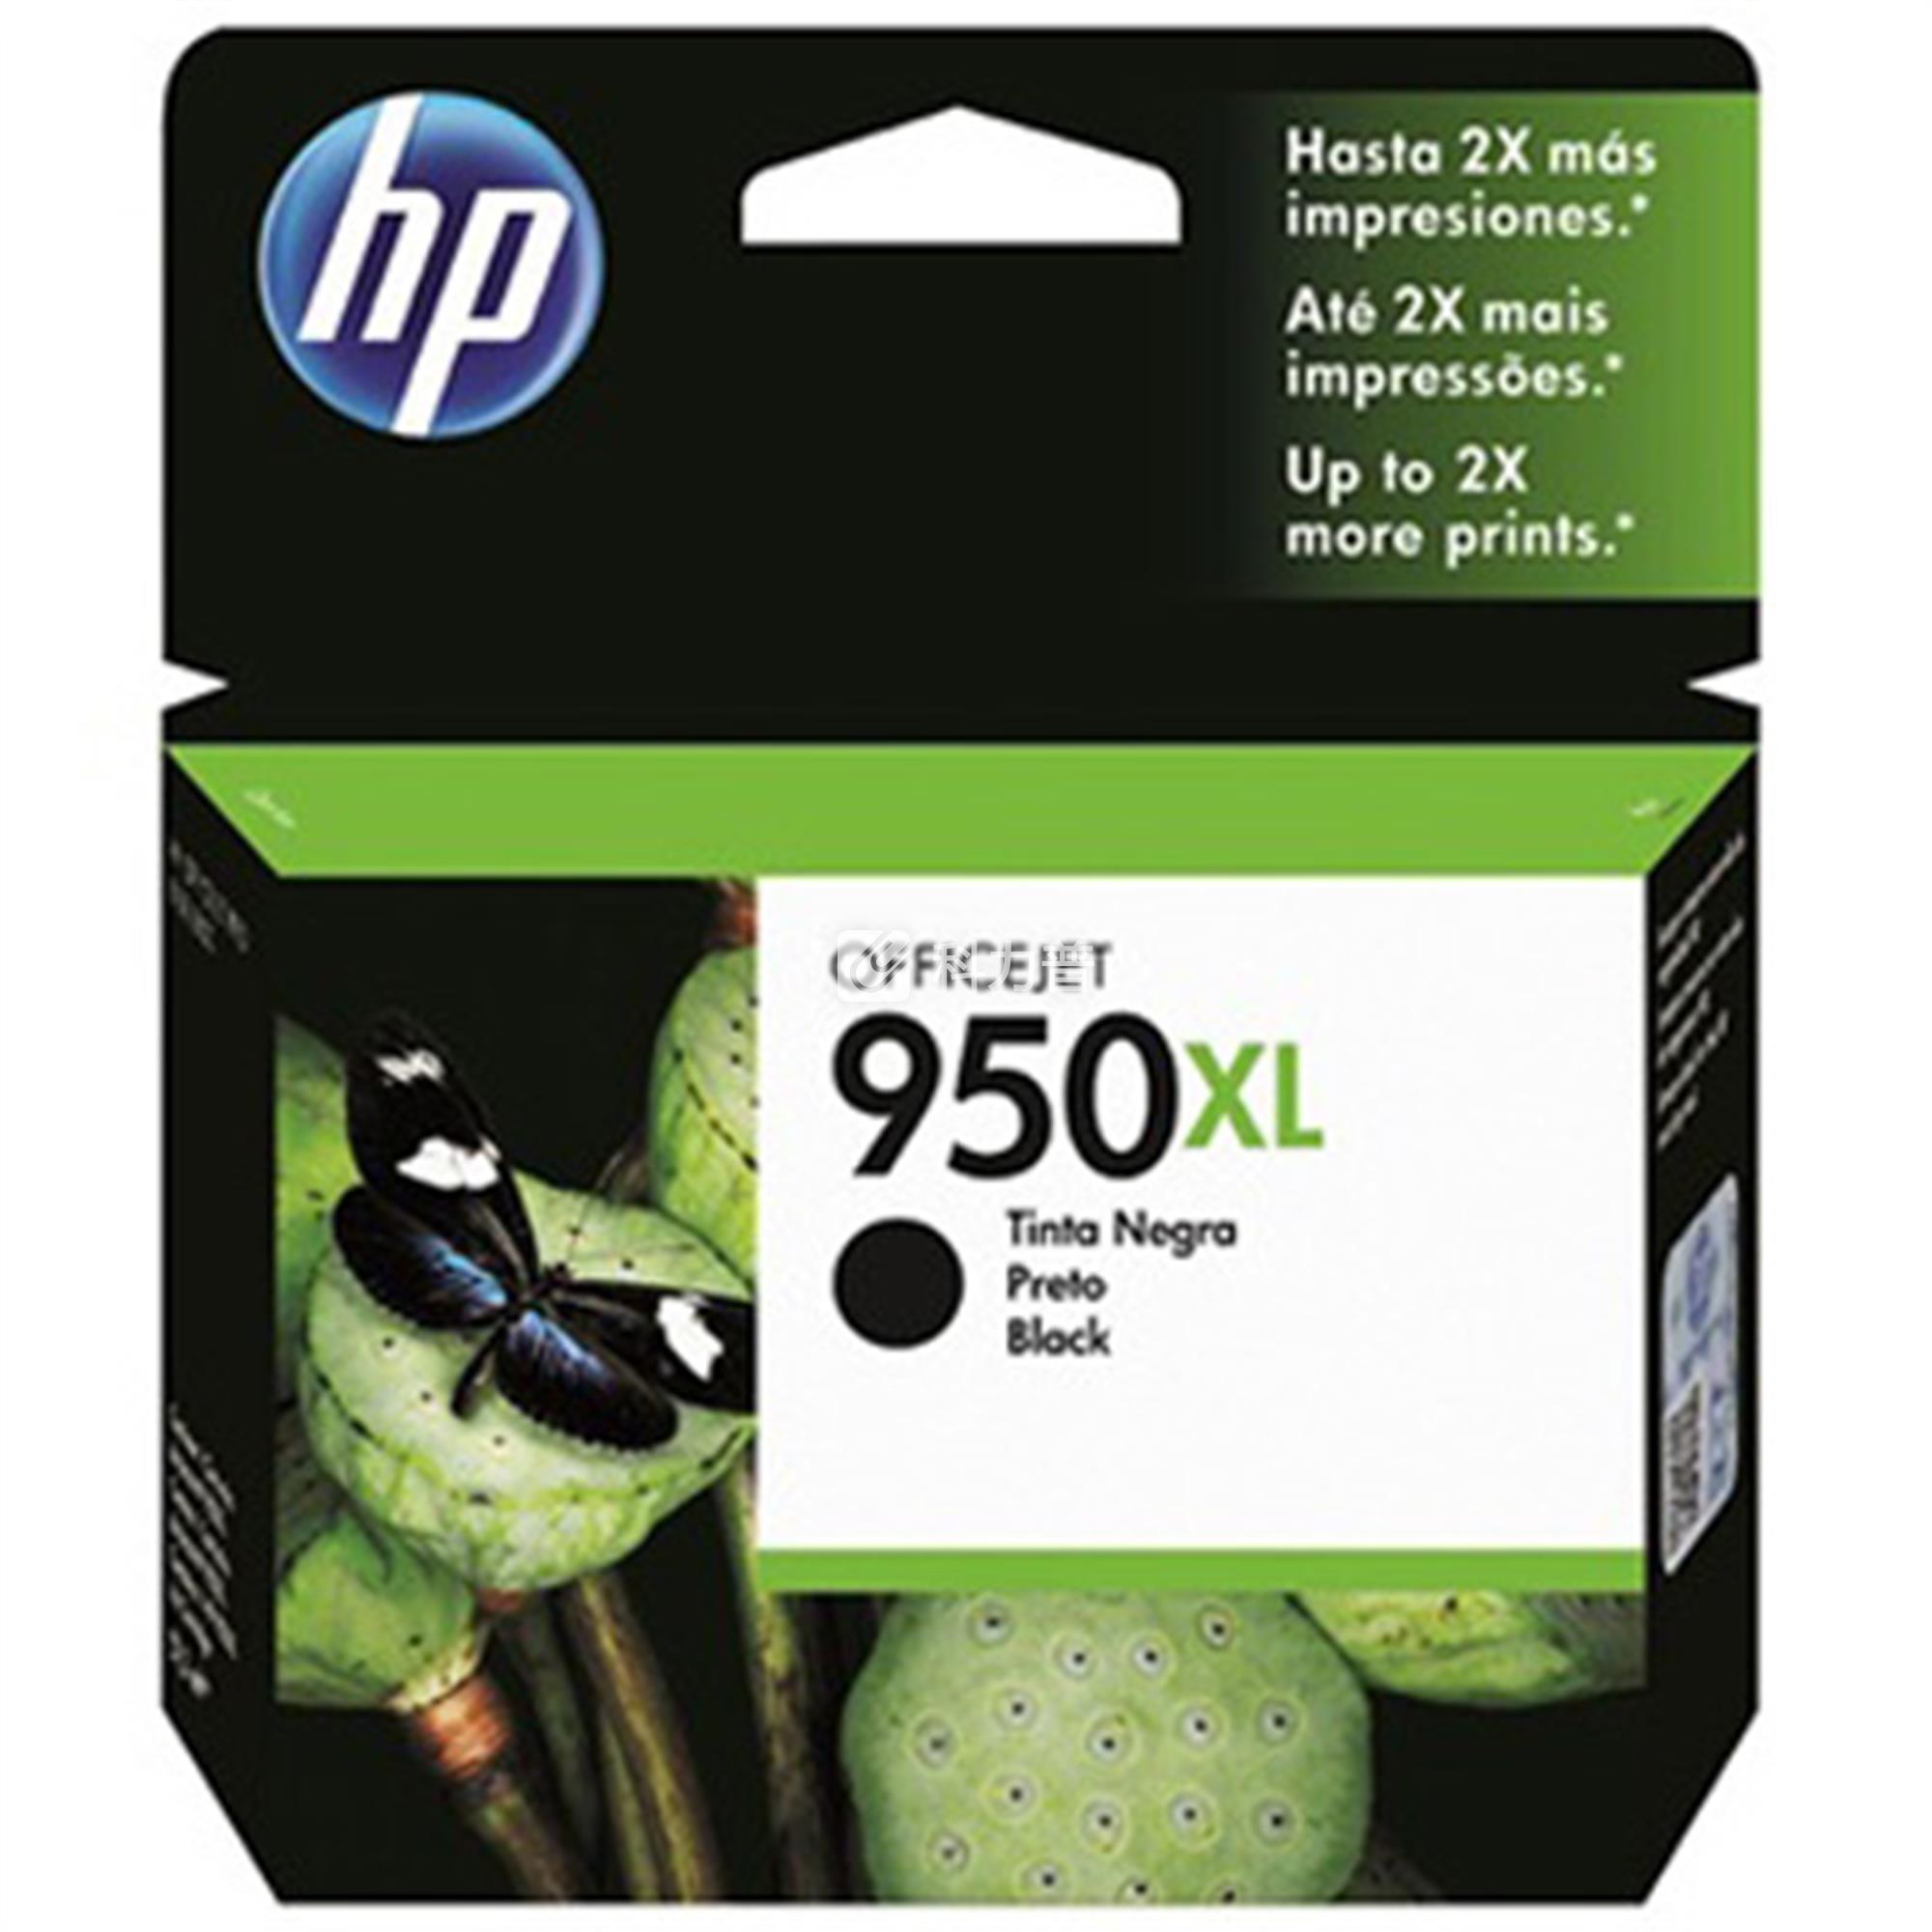 惠普 HP 大容量墨盒 CN045AA 950XL (黑色)